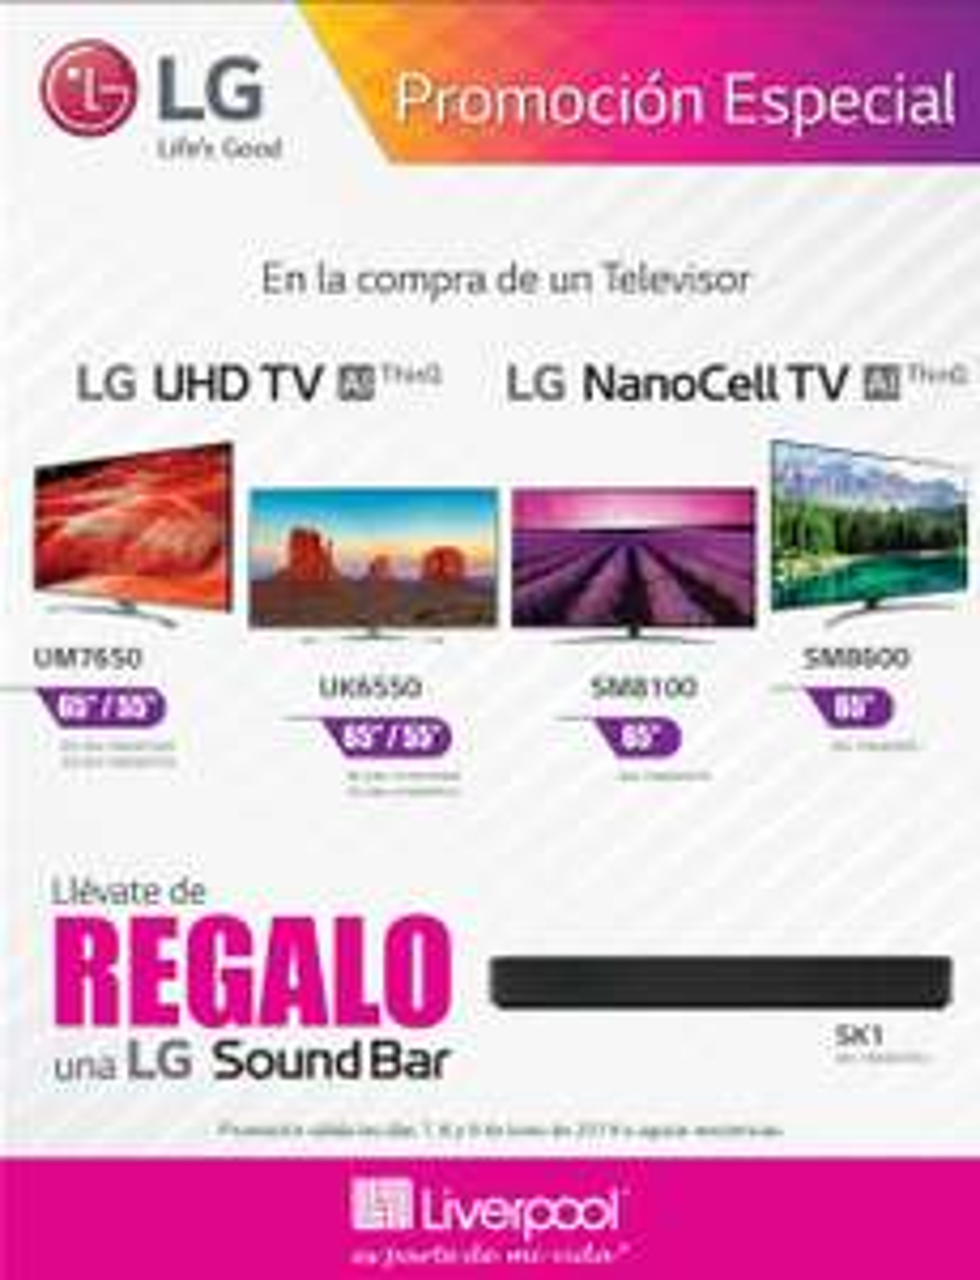 Liverpool: Barra de sonido SK1 de regalo en la compra de TV LG